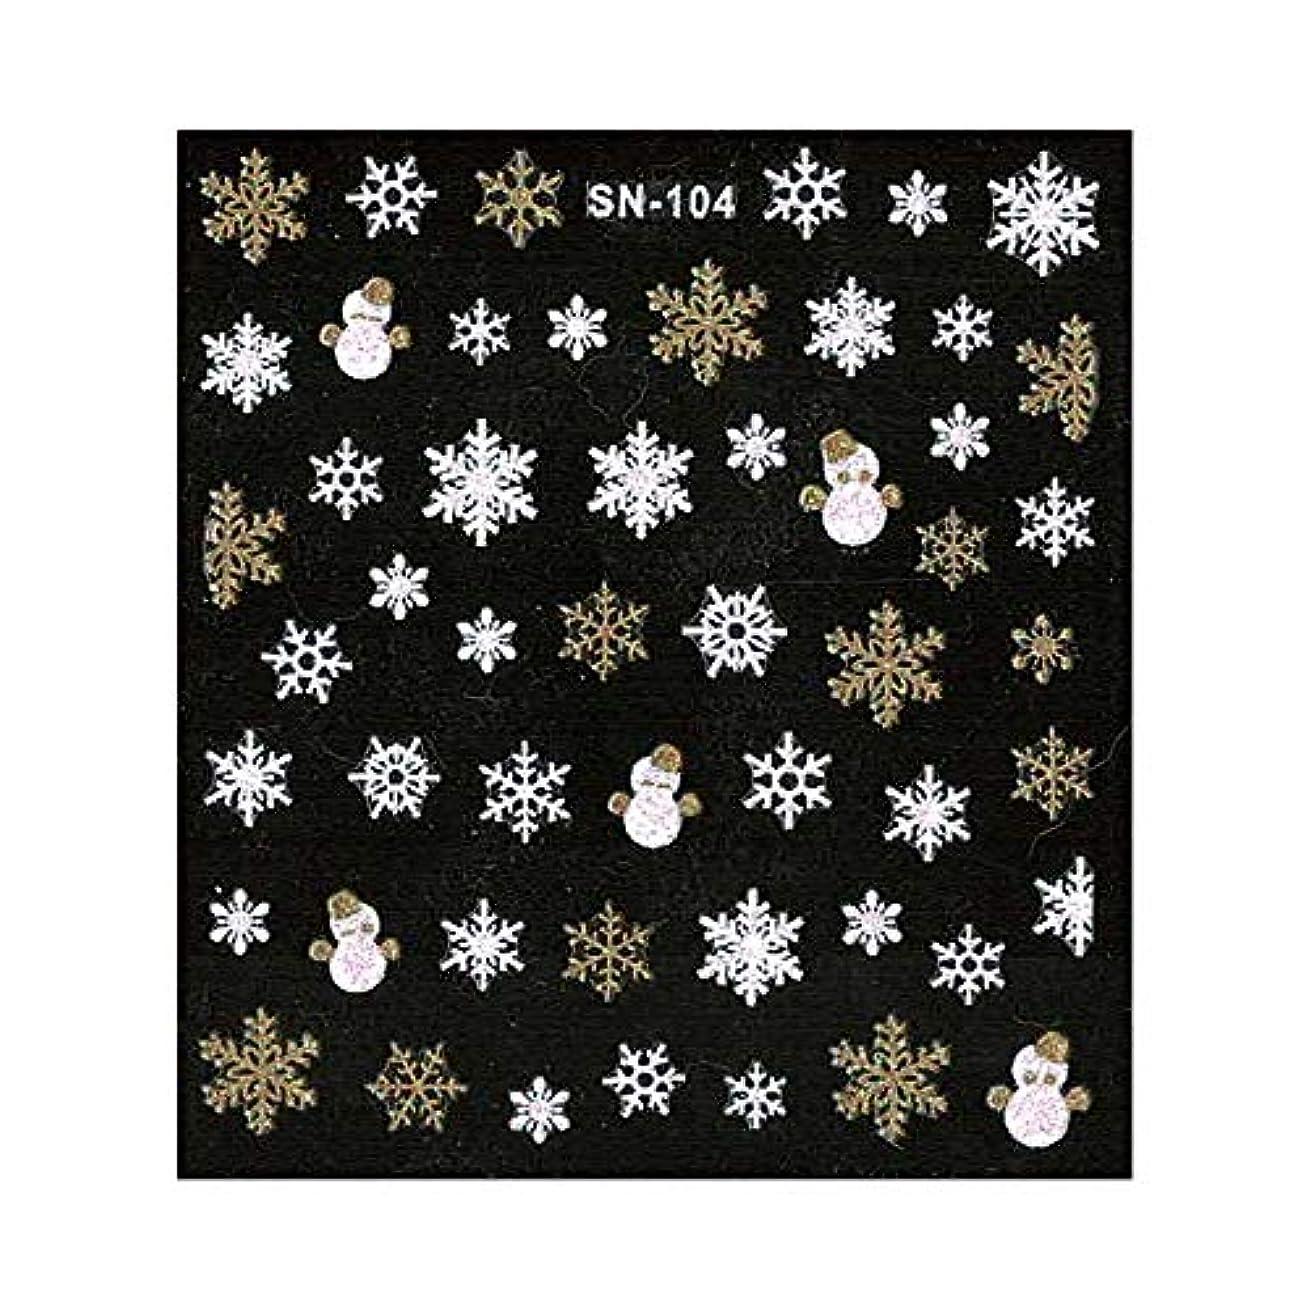 採用難しい少なくともネイルシール 雪の結晶 [ ネイル シール 冬 ウィンター クリスマス 雪 雪だるま リボン ネイルアート ] (ゴールドMIX)